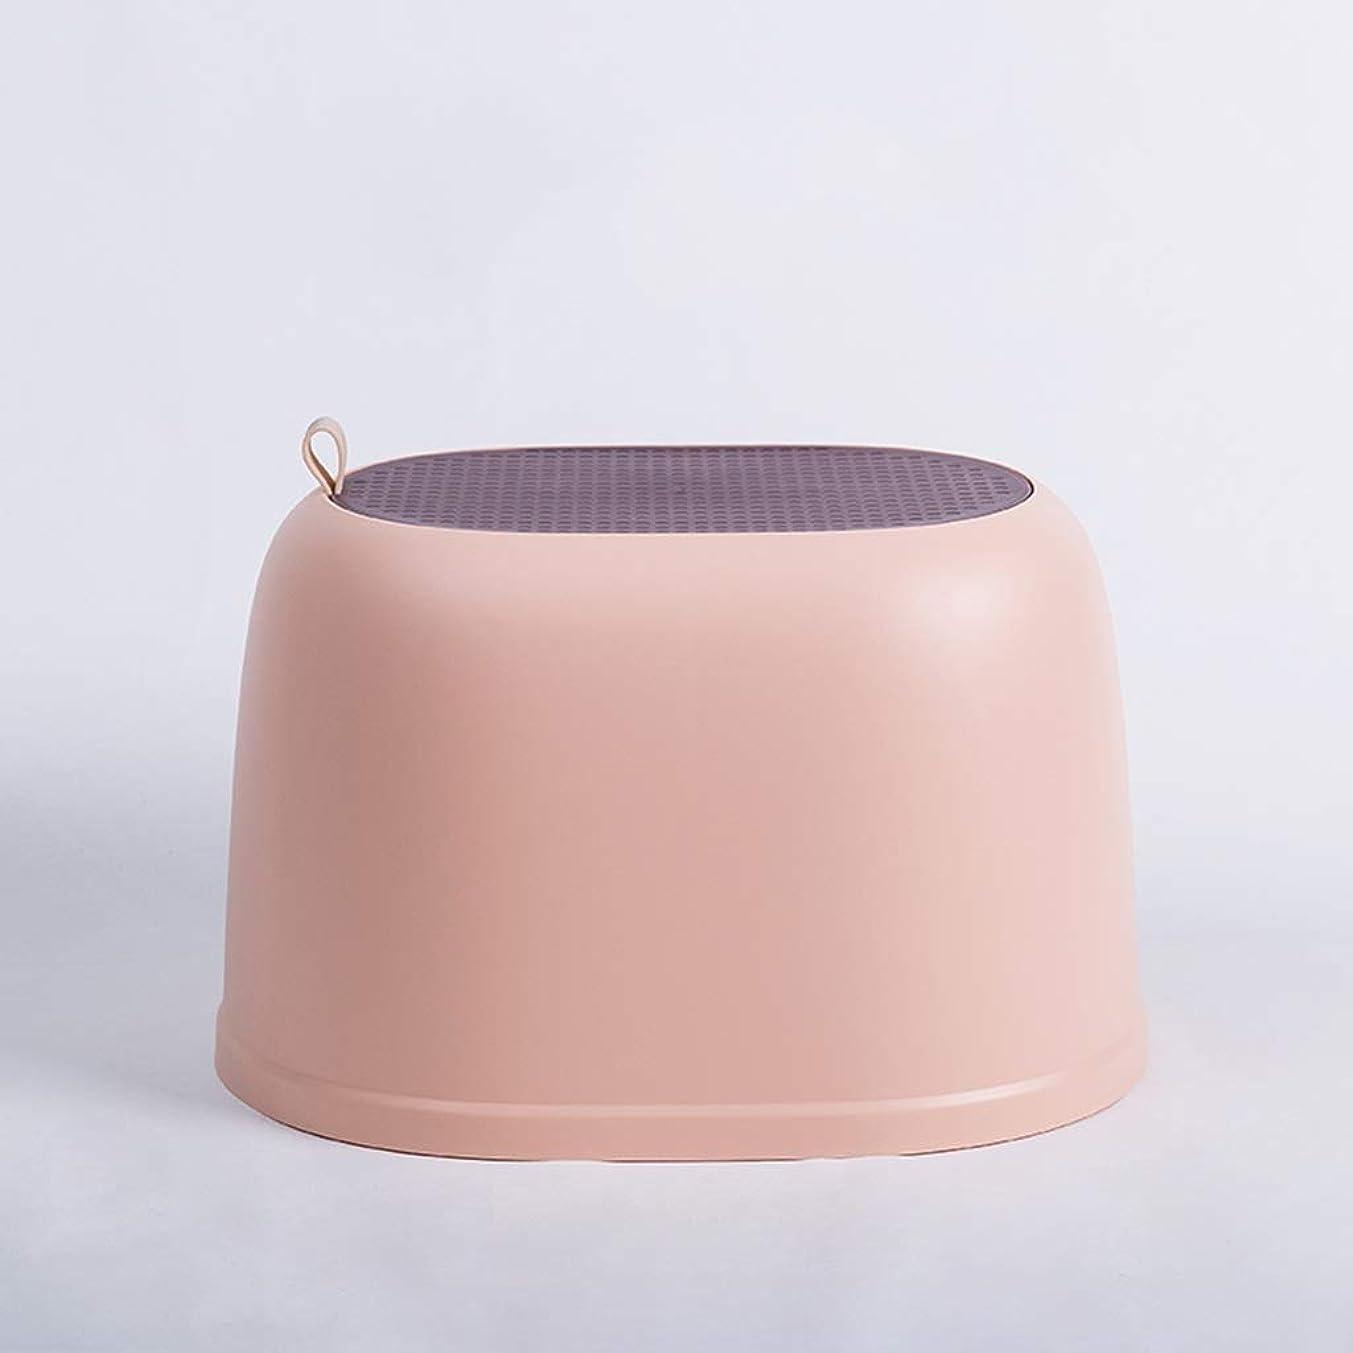 ラブ注意若さXJLXX 家庭用プラスチックラウンドスツールリビングルーム肥厚靴ベンチバスルームランドリースツール ソファースツール (Color : Pink)